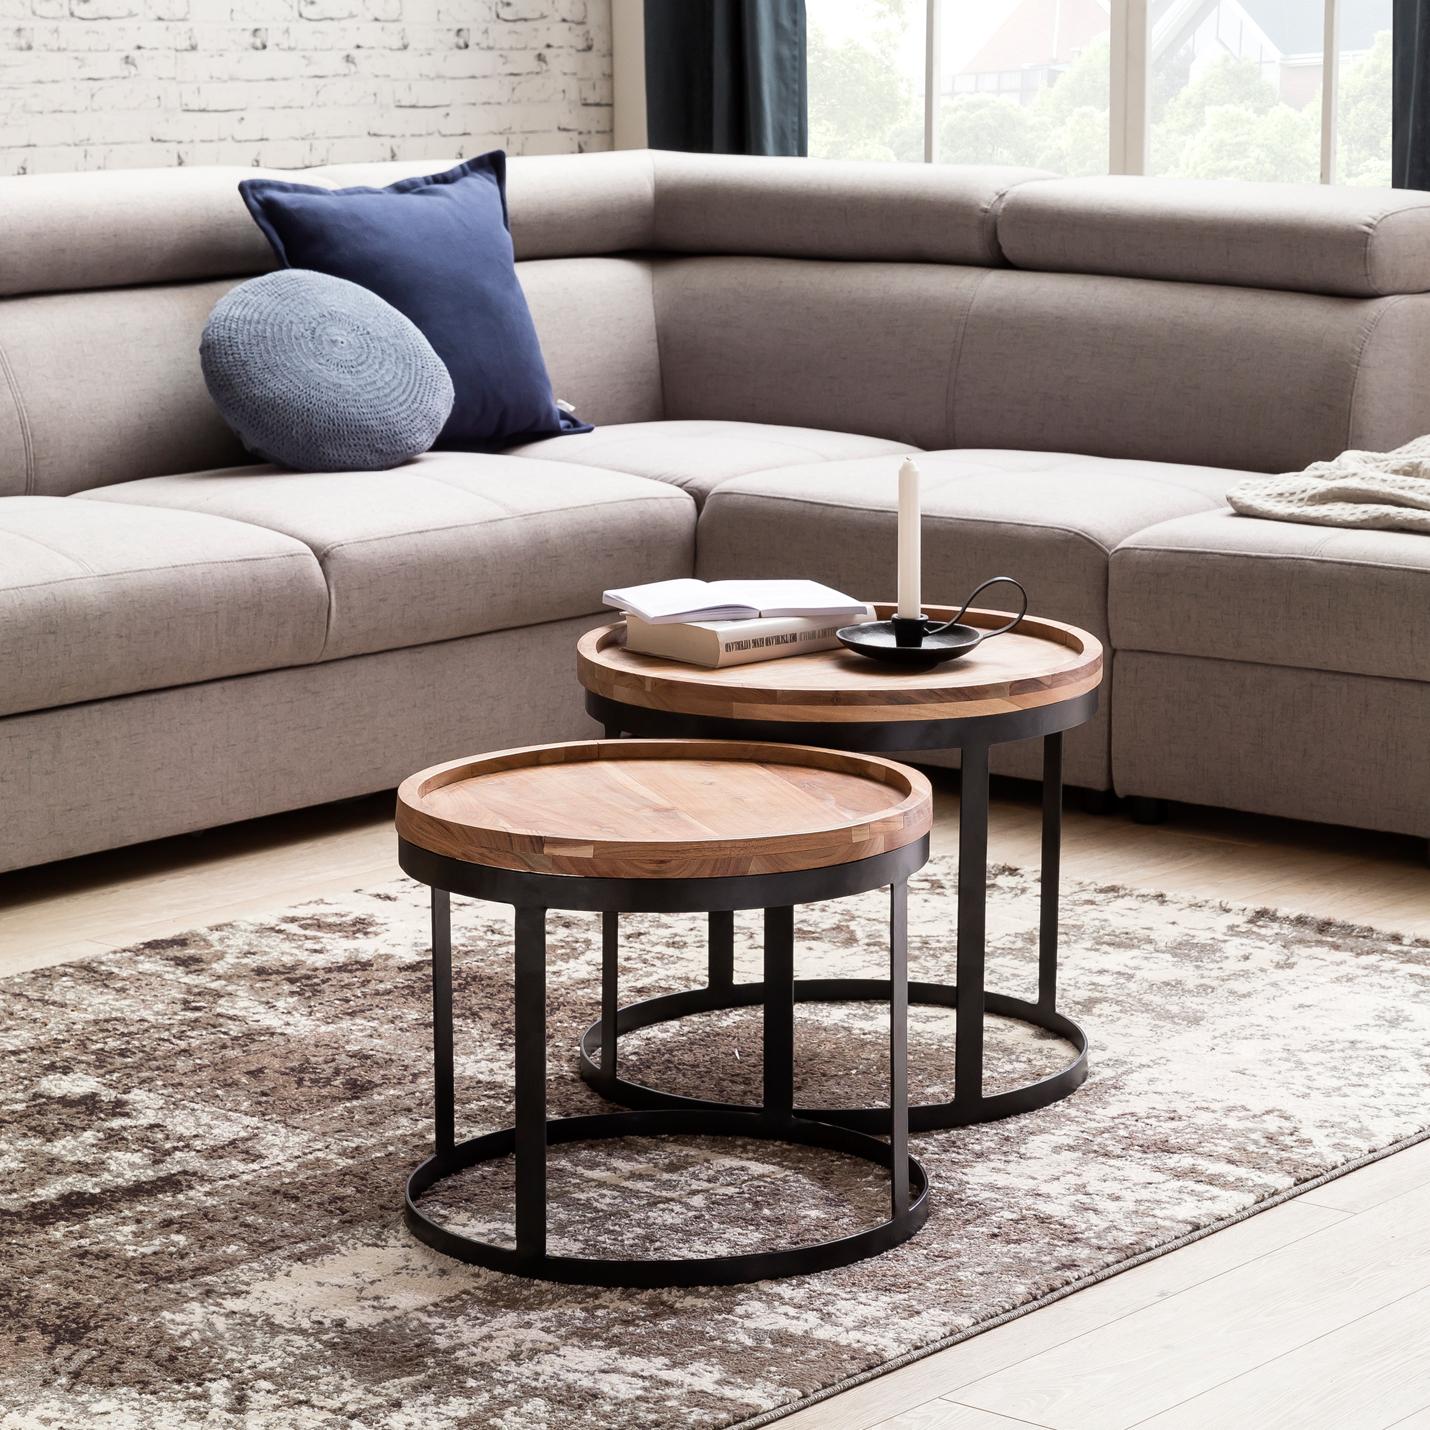 Finebuy 2er Set Beistelltische Massivholz Wohnzimmertisch Landhaus Metallgestell